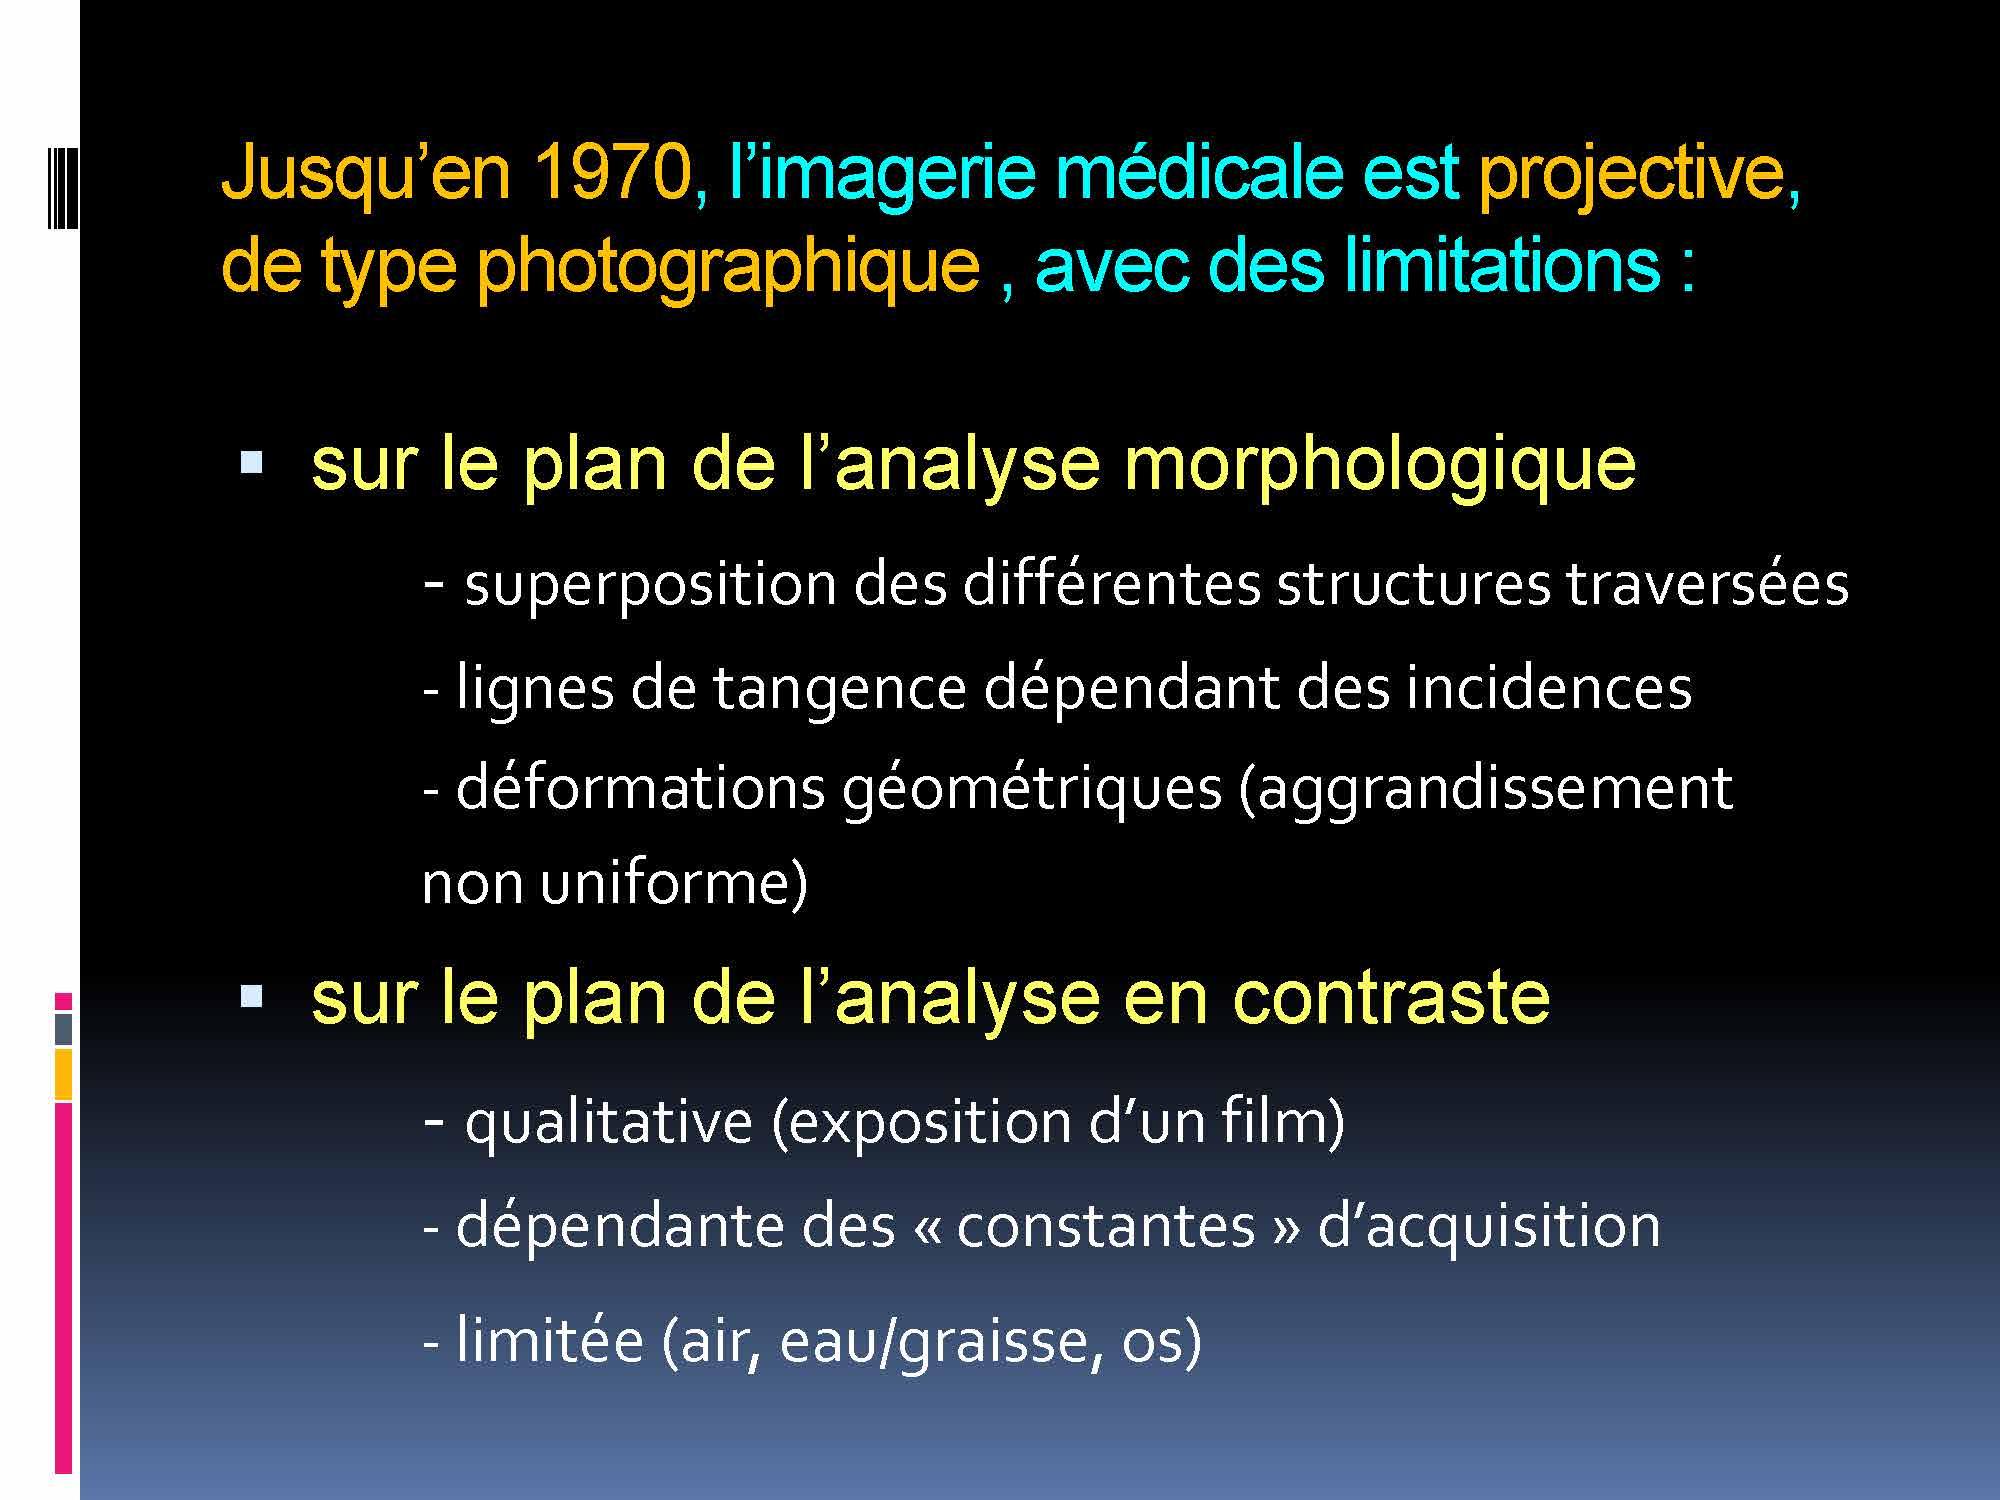 Imagerie médicale Lyon 5-12 -2017_Page_05